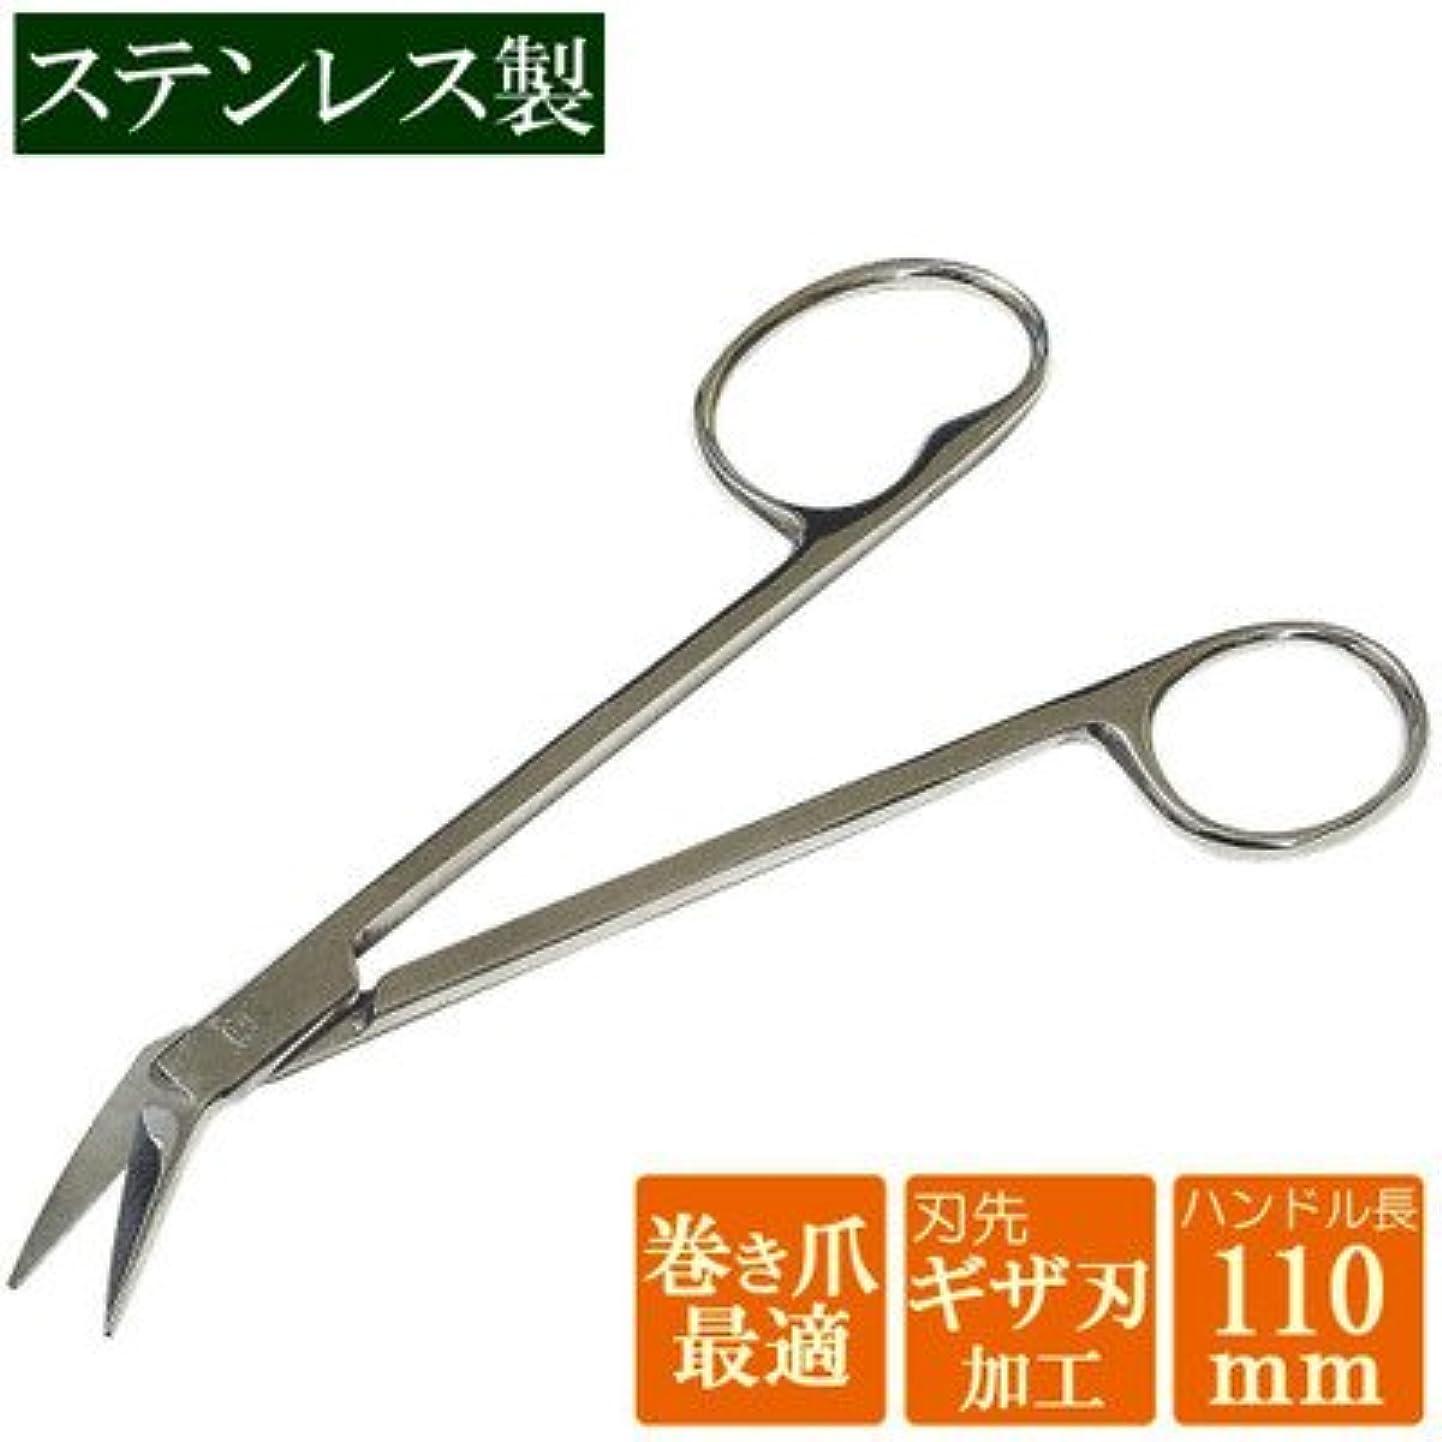 収束する旧正月キノコ88021 ロング足用爪切りハサミ 自由なラインで切れる足用爪切りハサミ